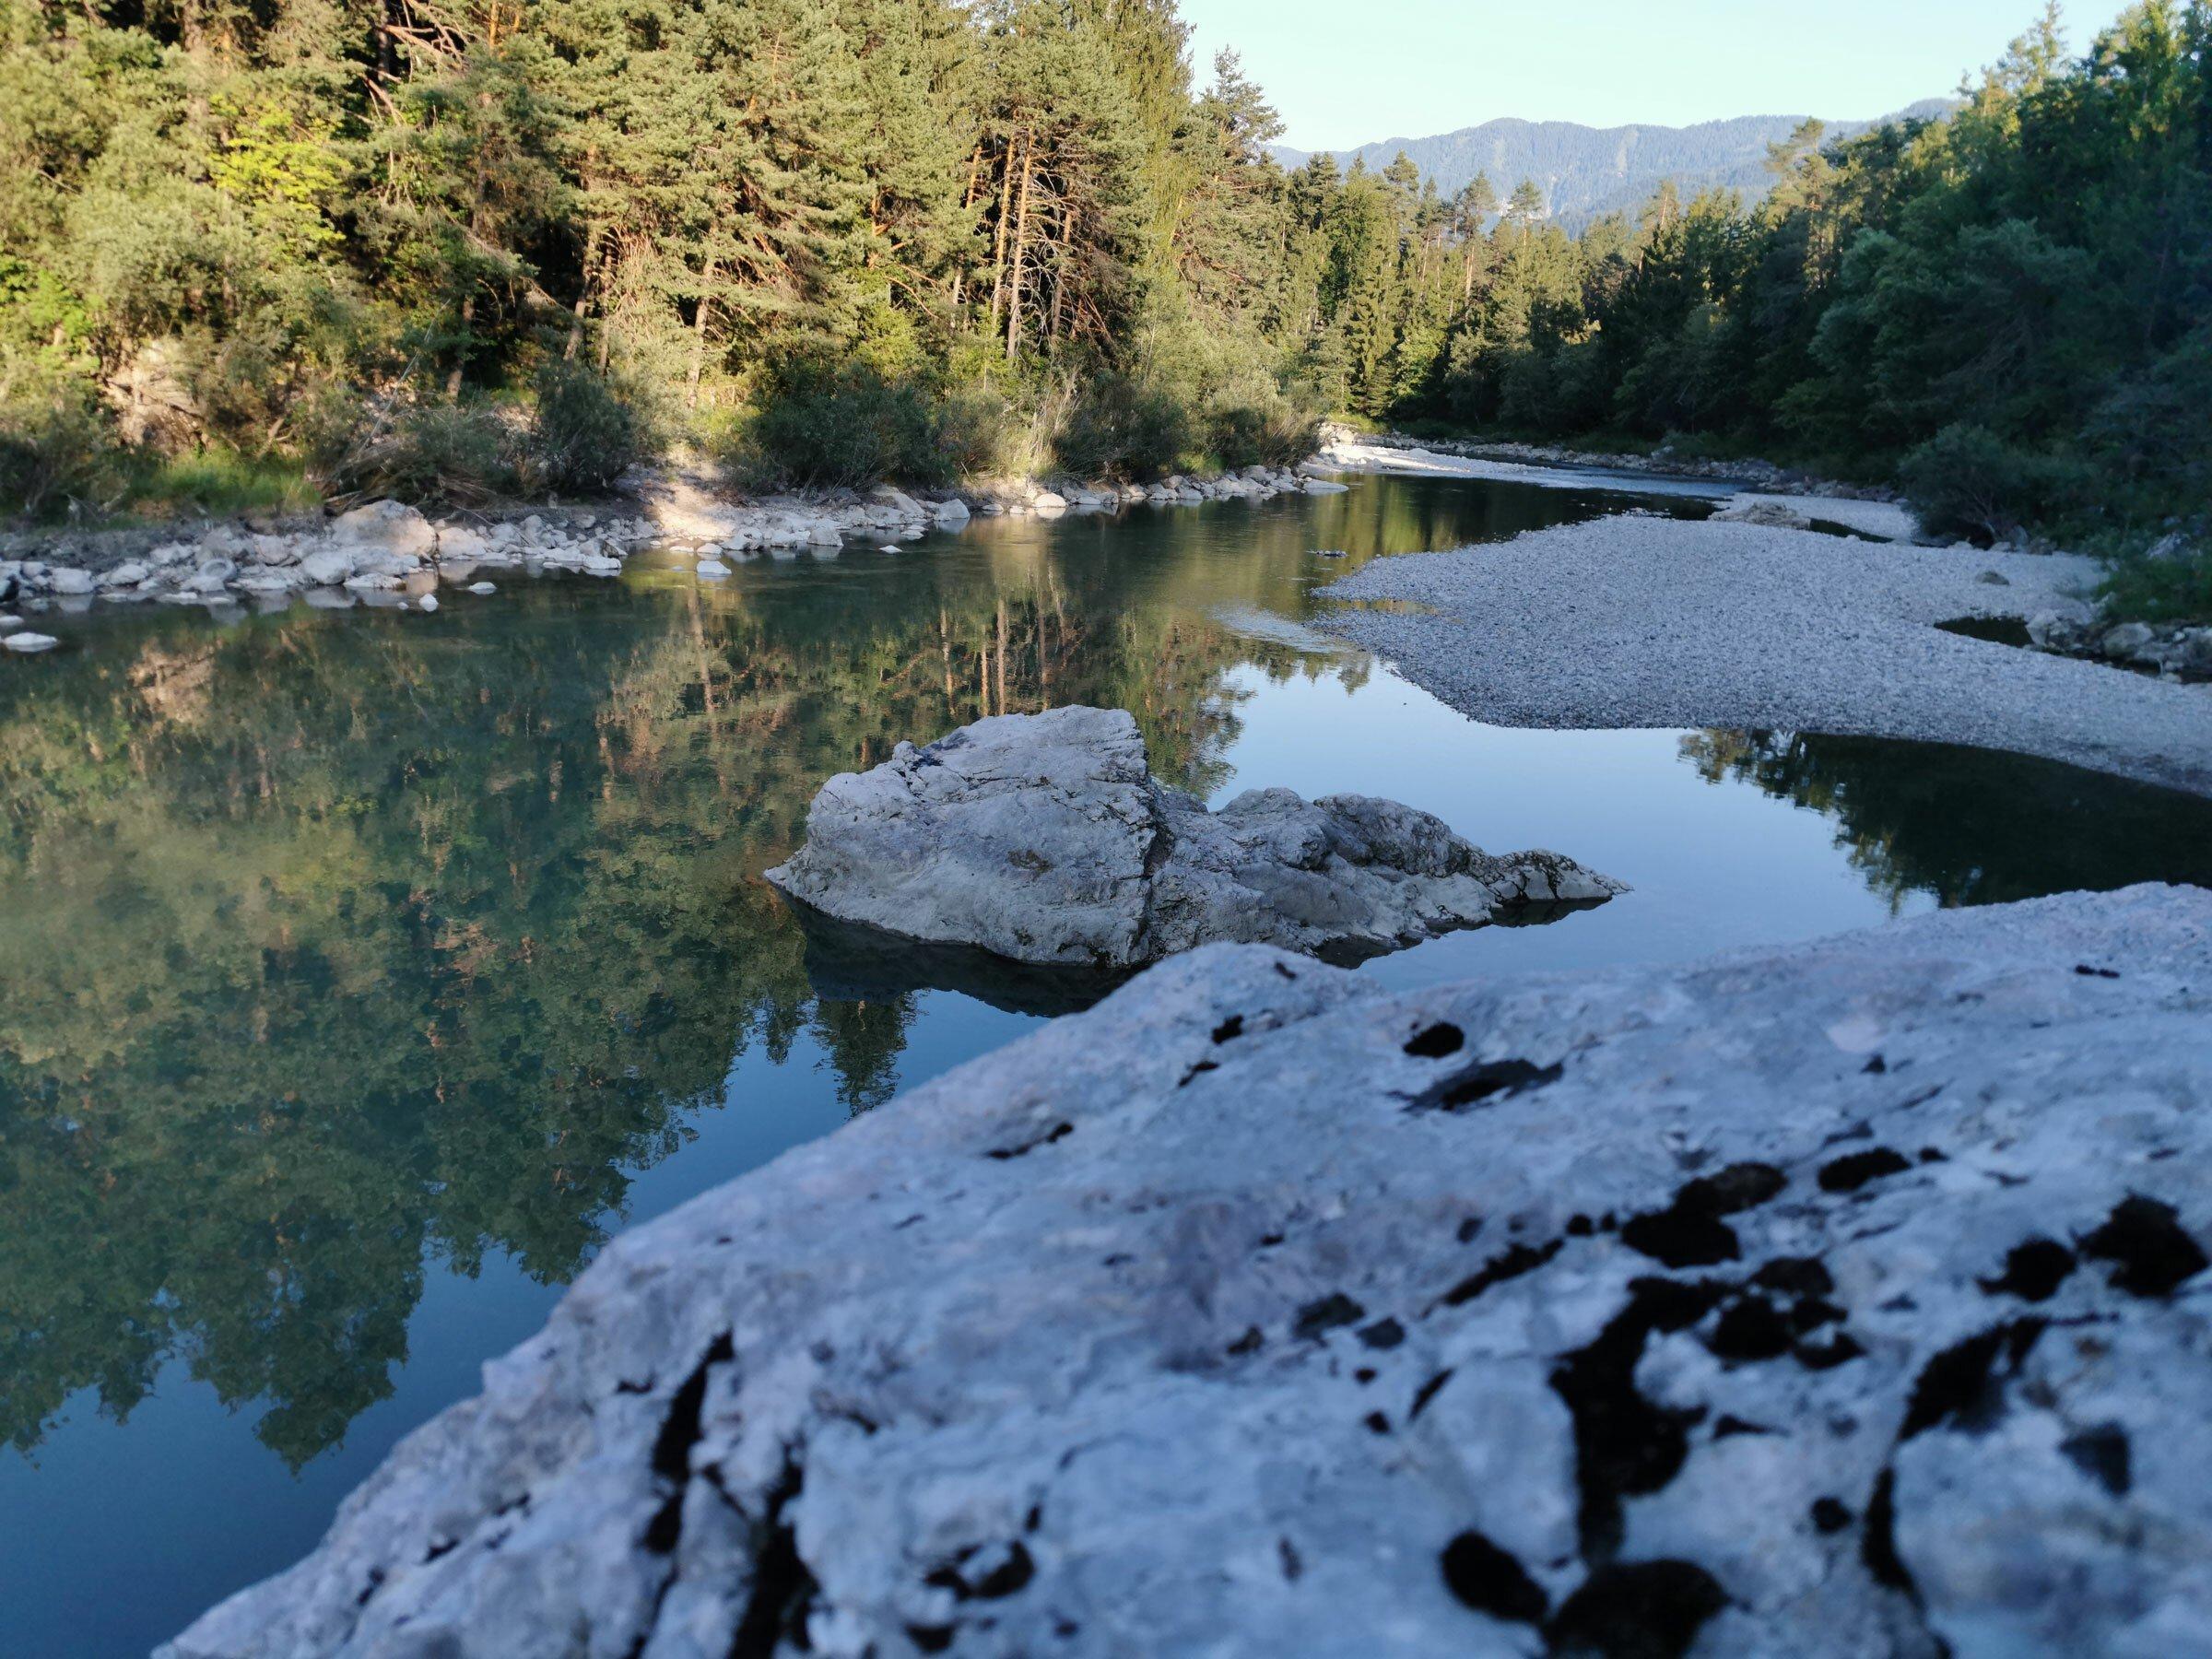 Nadelwald, dunkelgrünes Flusswasser, Schotterufer und große Steine.